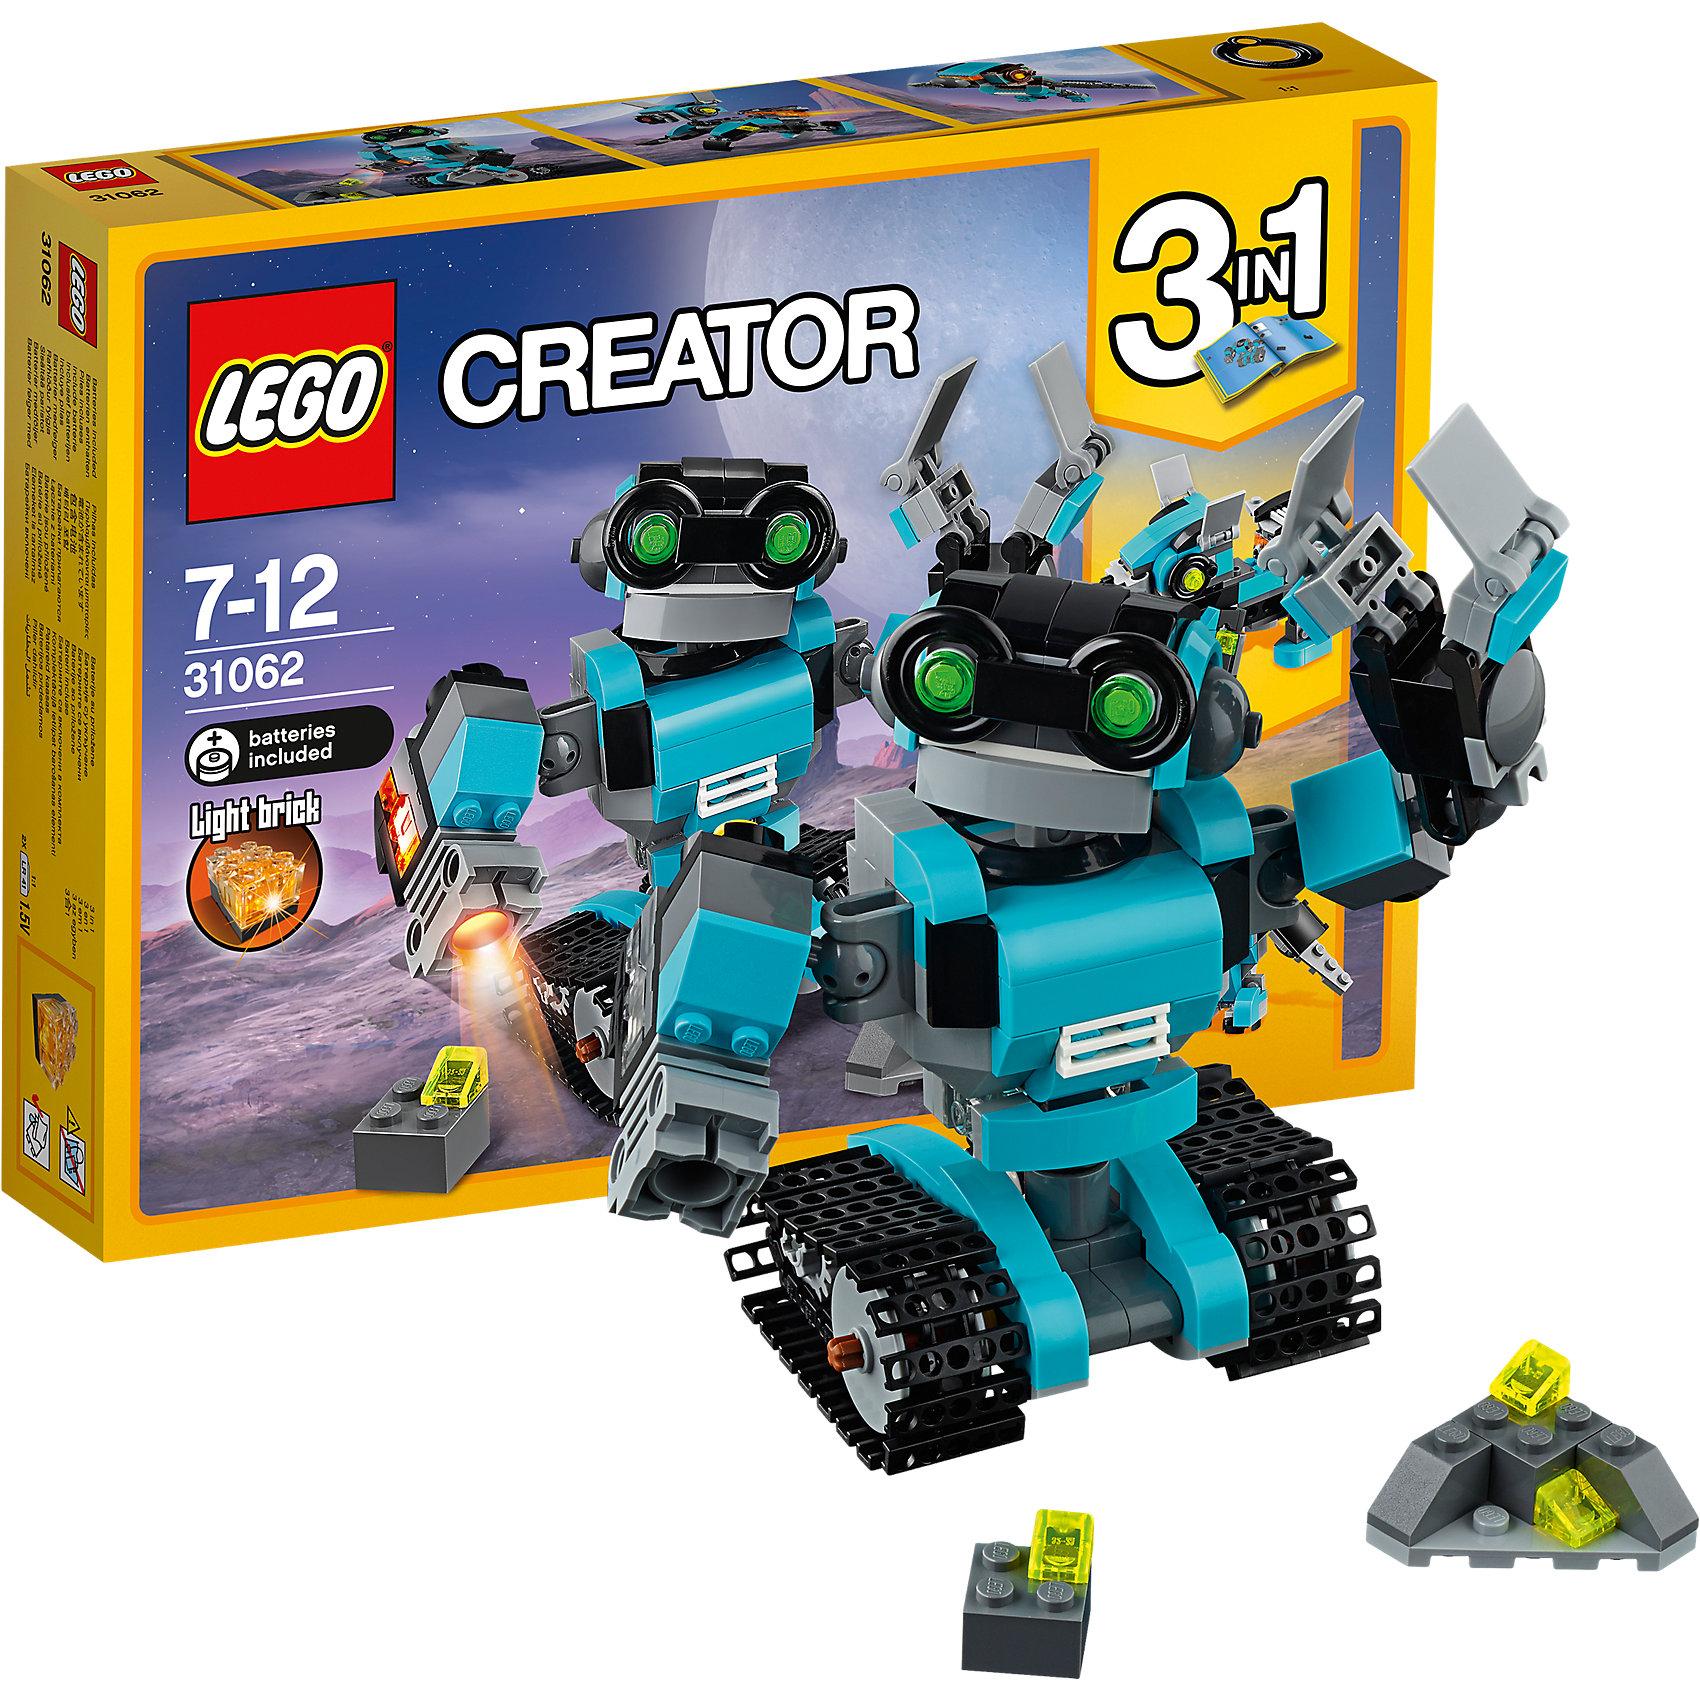 LEGO Creator 31062: Робот-исследовательПластмассовые конструкторы<br>LEGO Creator 31062: Робот-исследователь<br><br>Характеристики:<br><br>- в набор входит: детали для робота, элементы питания, красочная инструкция<br>- состав: пластик<br>- количество деталей: 205<br>- элементы питания: батарейки<br>- высота робота-исследователя: 11 см.<br>- высота робота-собаки: 7 см.<br>- высота робота-птицы: 8 см.<br>- для детей в возрасте: от 7 до 12 лет<br>- Страна производитель: Дания/Китай/Чехия<br><br>Легендарный конструктор LEGO (ЛЕГО) представляет серию «Creator» (Криэйтор), которая позволяет детям экспериментировать с домами, машинами, самолетами и существами. Каждый набор этой серии подразумевает перестройку тремя разными способами убирая ограничения веселья! Набор Робот-исследователь понравится юным любителям техники, роботов и технологий, ведь с ним вы можете устроить свое уникальное исследование. В набор входит специальная светящаяся деталь ЛЕГО, в которой уже находятся элементы питания. Робот-исследователь освещает неизведанные участки с помощью этой детали. Робот двигается на специальных гусеницах построенных их ЛЕГО деталей, его руки на шарнирах и могут двигаться по все стороны, кисть с пальцами тоже двигается, пальцы сжимаются, чтобы можно было поднимать ею объекты исследования. Исследователя можно перестроить в робота-собаку со светящимся рюкзаком для полетов или в робота-птицу с подвижными крыльями и светящимися глазами. Играя с конструктором ребенок развивает моторику рук, воображение и логическое мышление, научится собирать по инструкции и создавать свои модели. Придумывайте новые игры с набором LEGO «Creator»!<br><br>Конструктор LEGO Creator 31062: Робот-исследователь можно купить в нашем интернет-магазине.<br><br>Ширина мм: 265<br>Глубина мм: 189<br>Высота мм: 51<br>Вес г: 304<br>Возраст от месяцев: 84<br>Возраст до месяцев: 144<br>Пол: Мужской<br>Возраст: Детский<br>SKU: 5002499